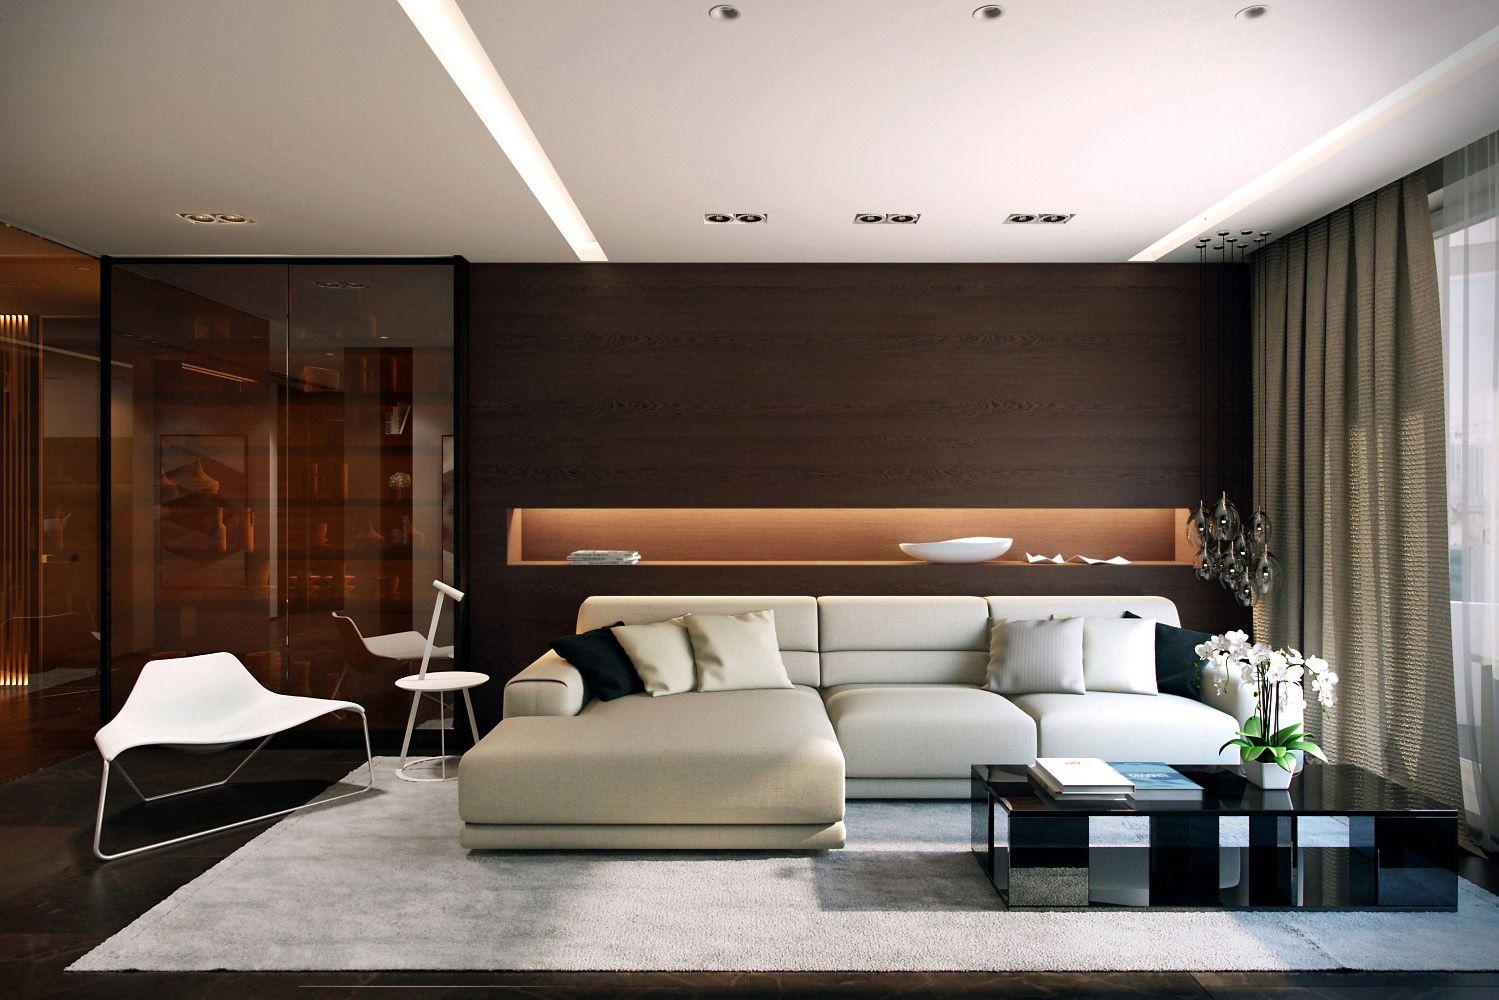 renovierte wohnung kenzo olga akulova, có thể căn phòng bạn đang ở có diện tích dưới 20m2 nhưng đối với một, Design ideen